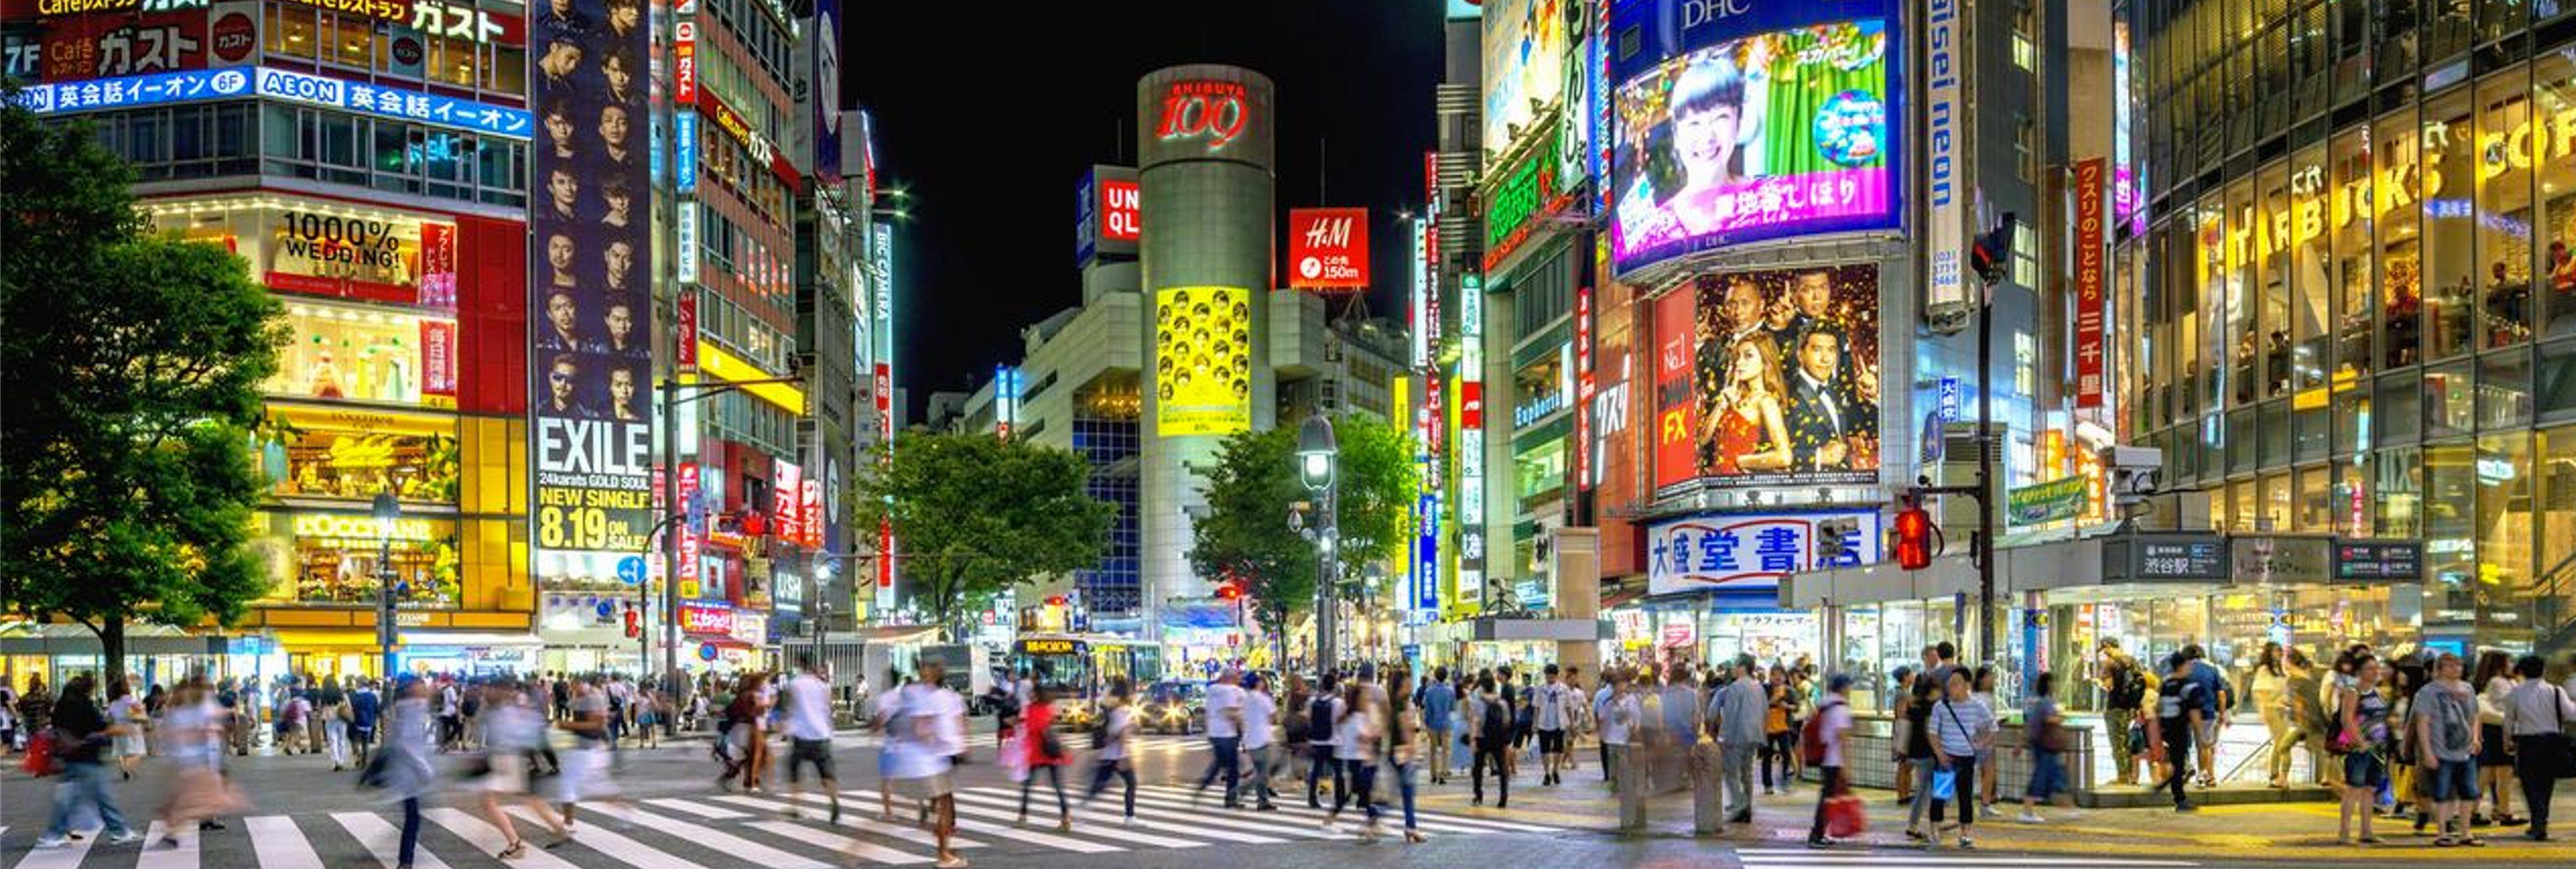 VOX, el bar gay de Tokio que ha revolucionado Twitter